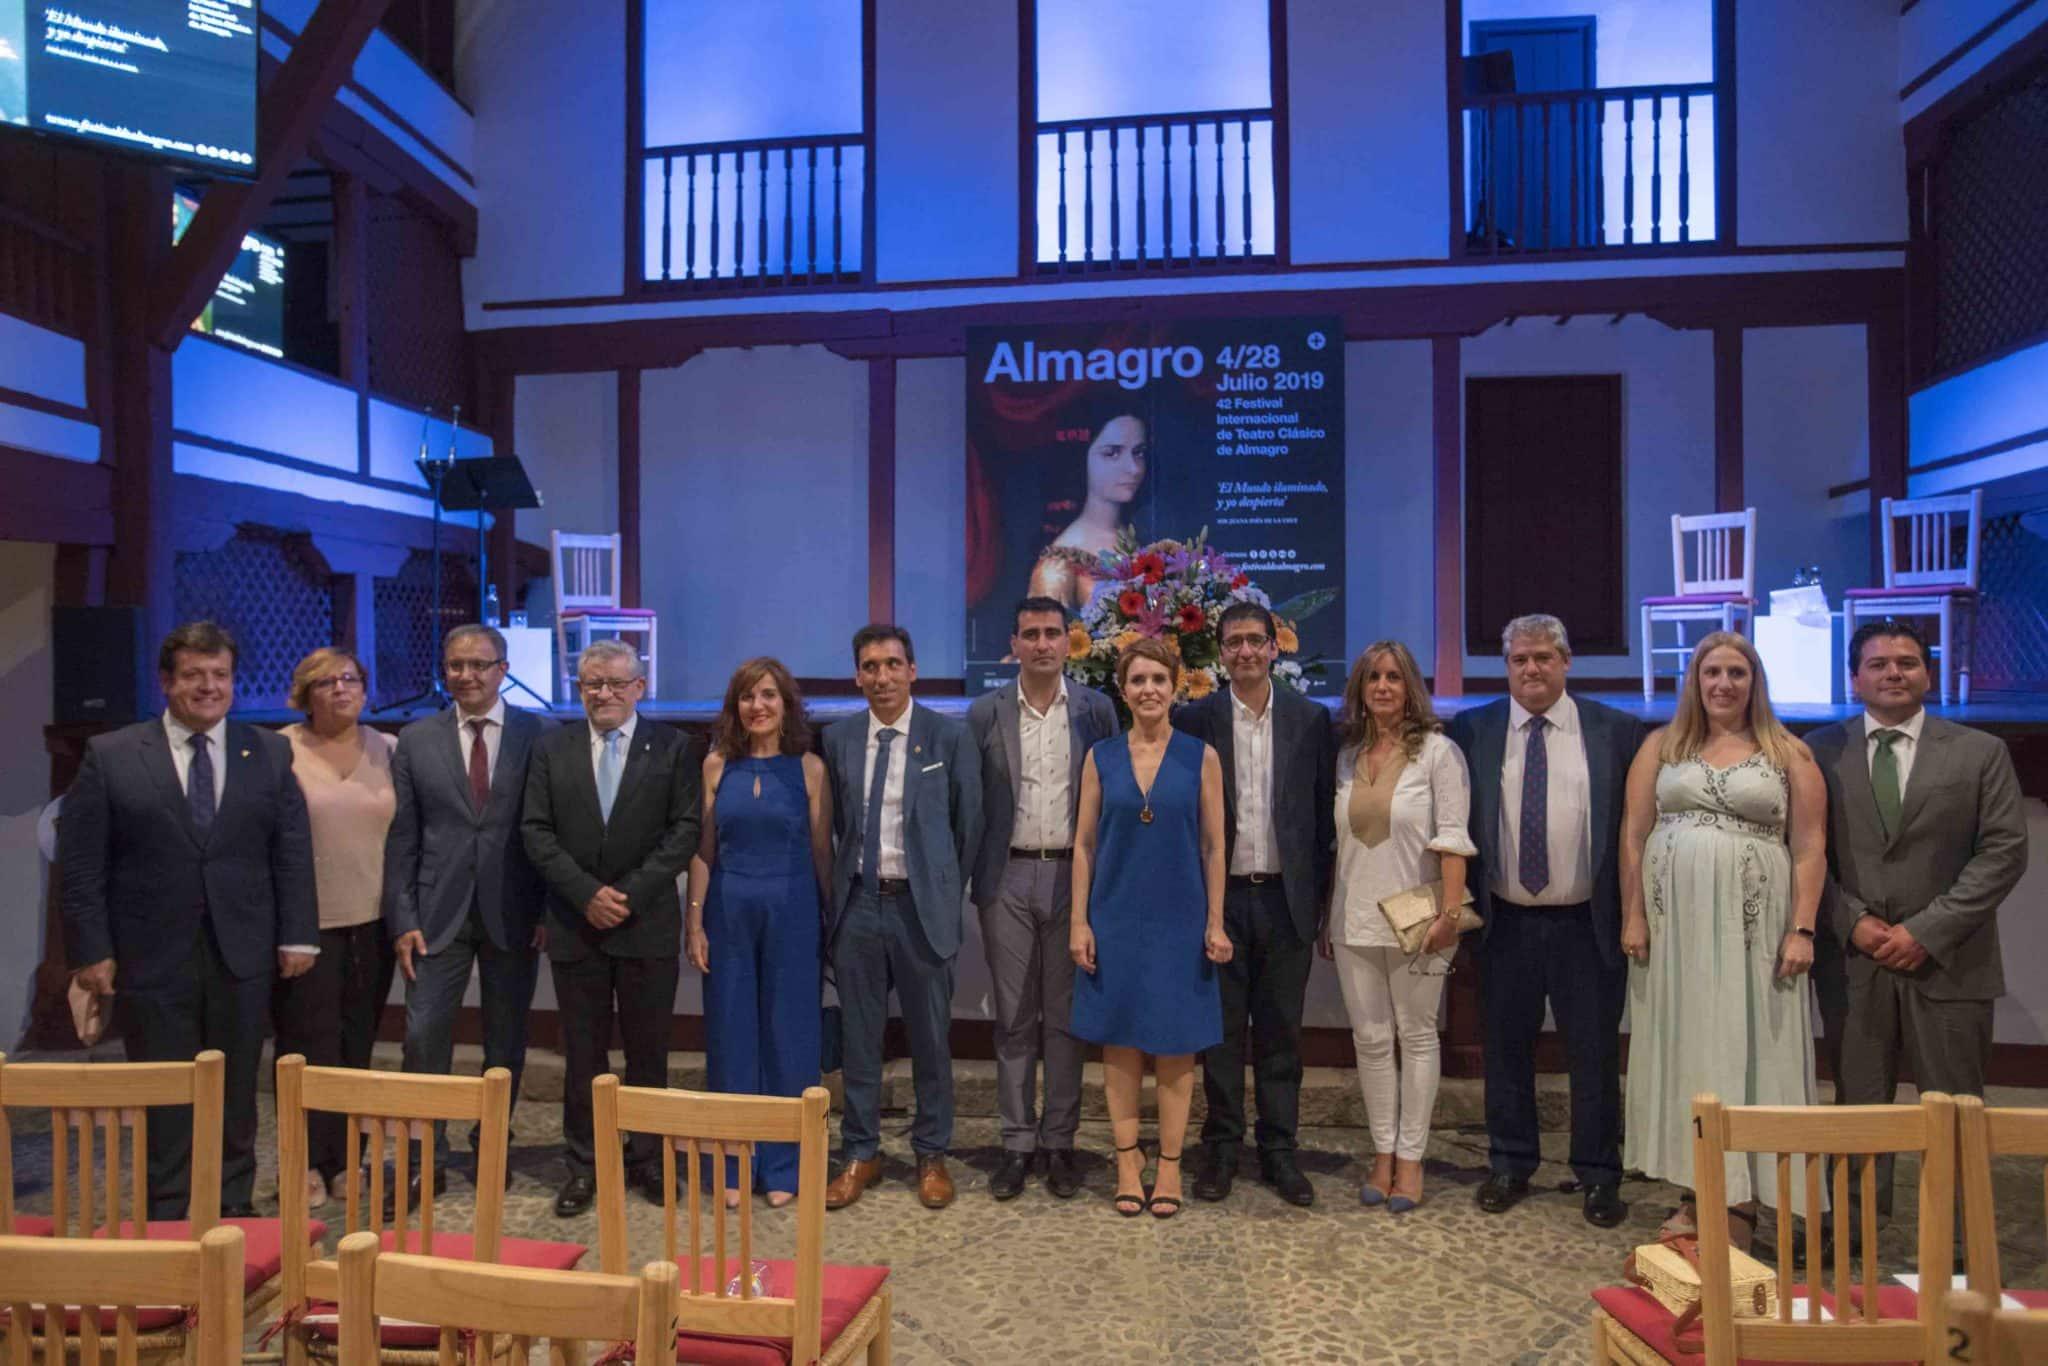 https://blog.globalcaja.es/wp-content/uploads/2019/07/teatro-de-Almagro-globalcaja.jpg